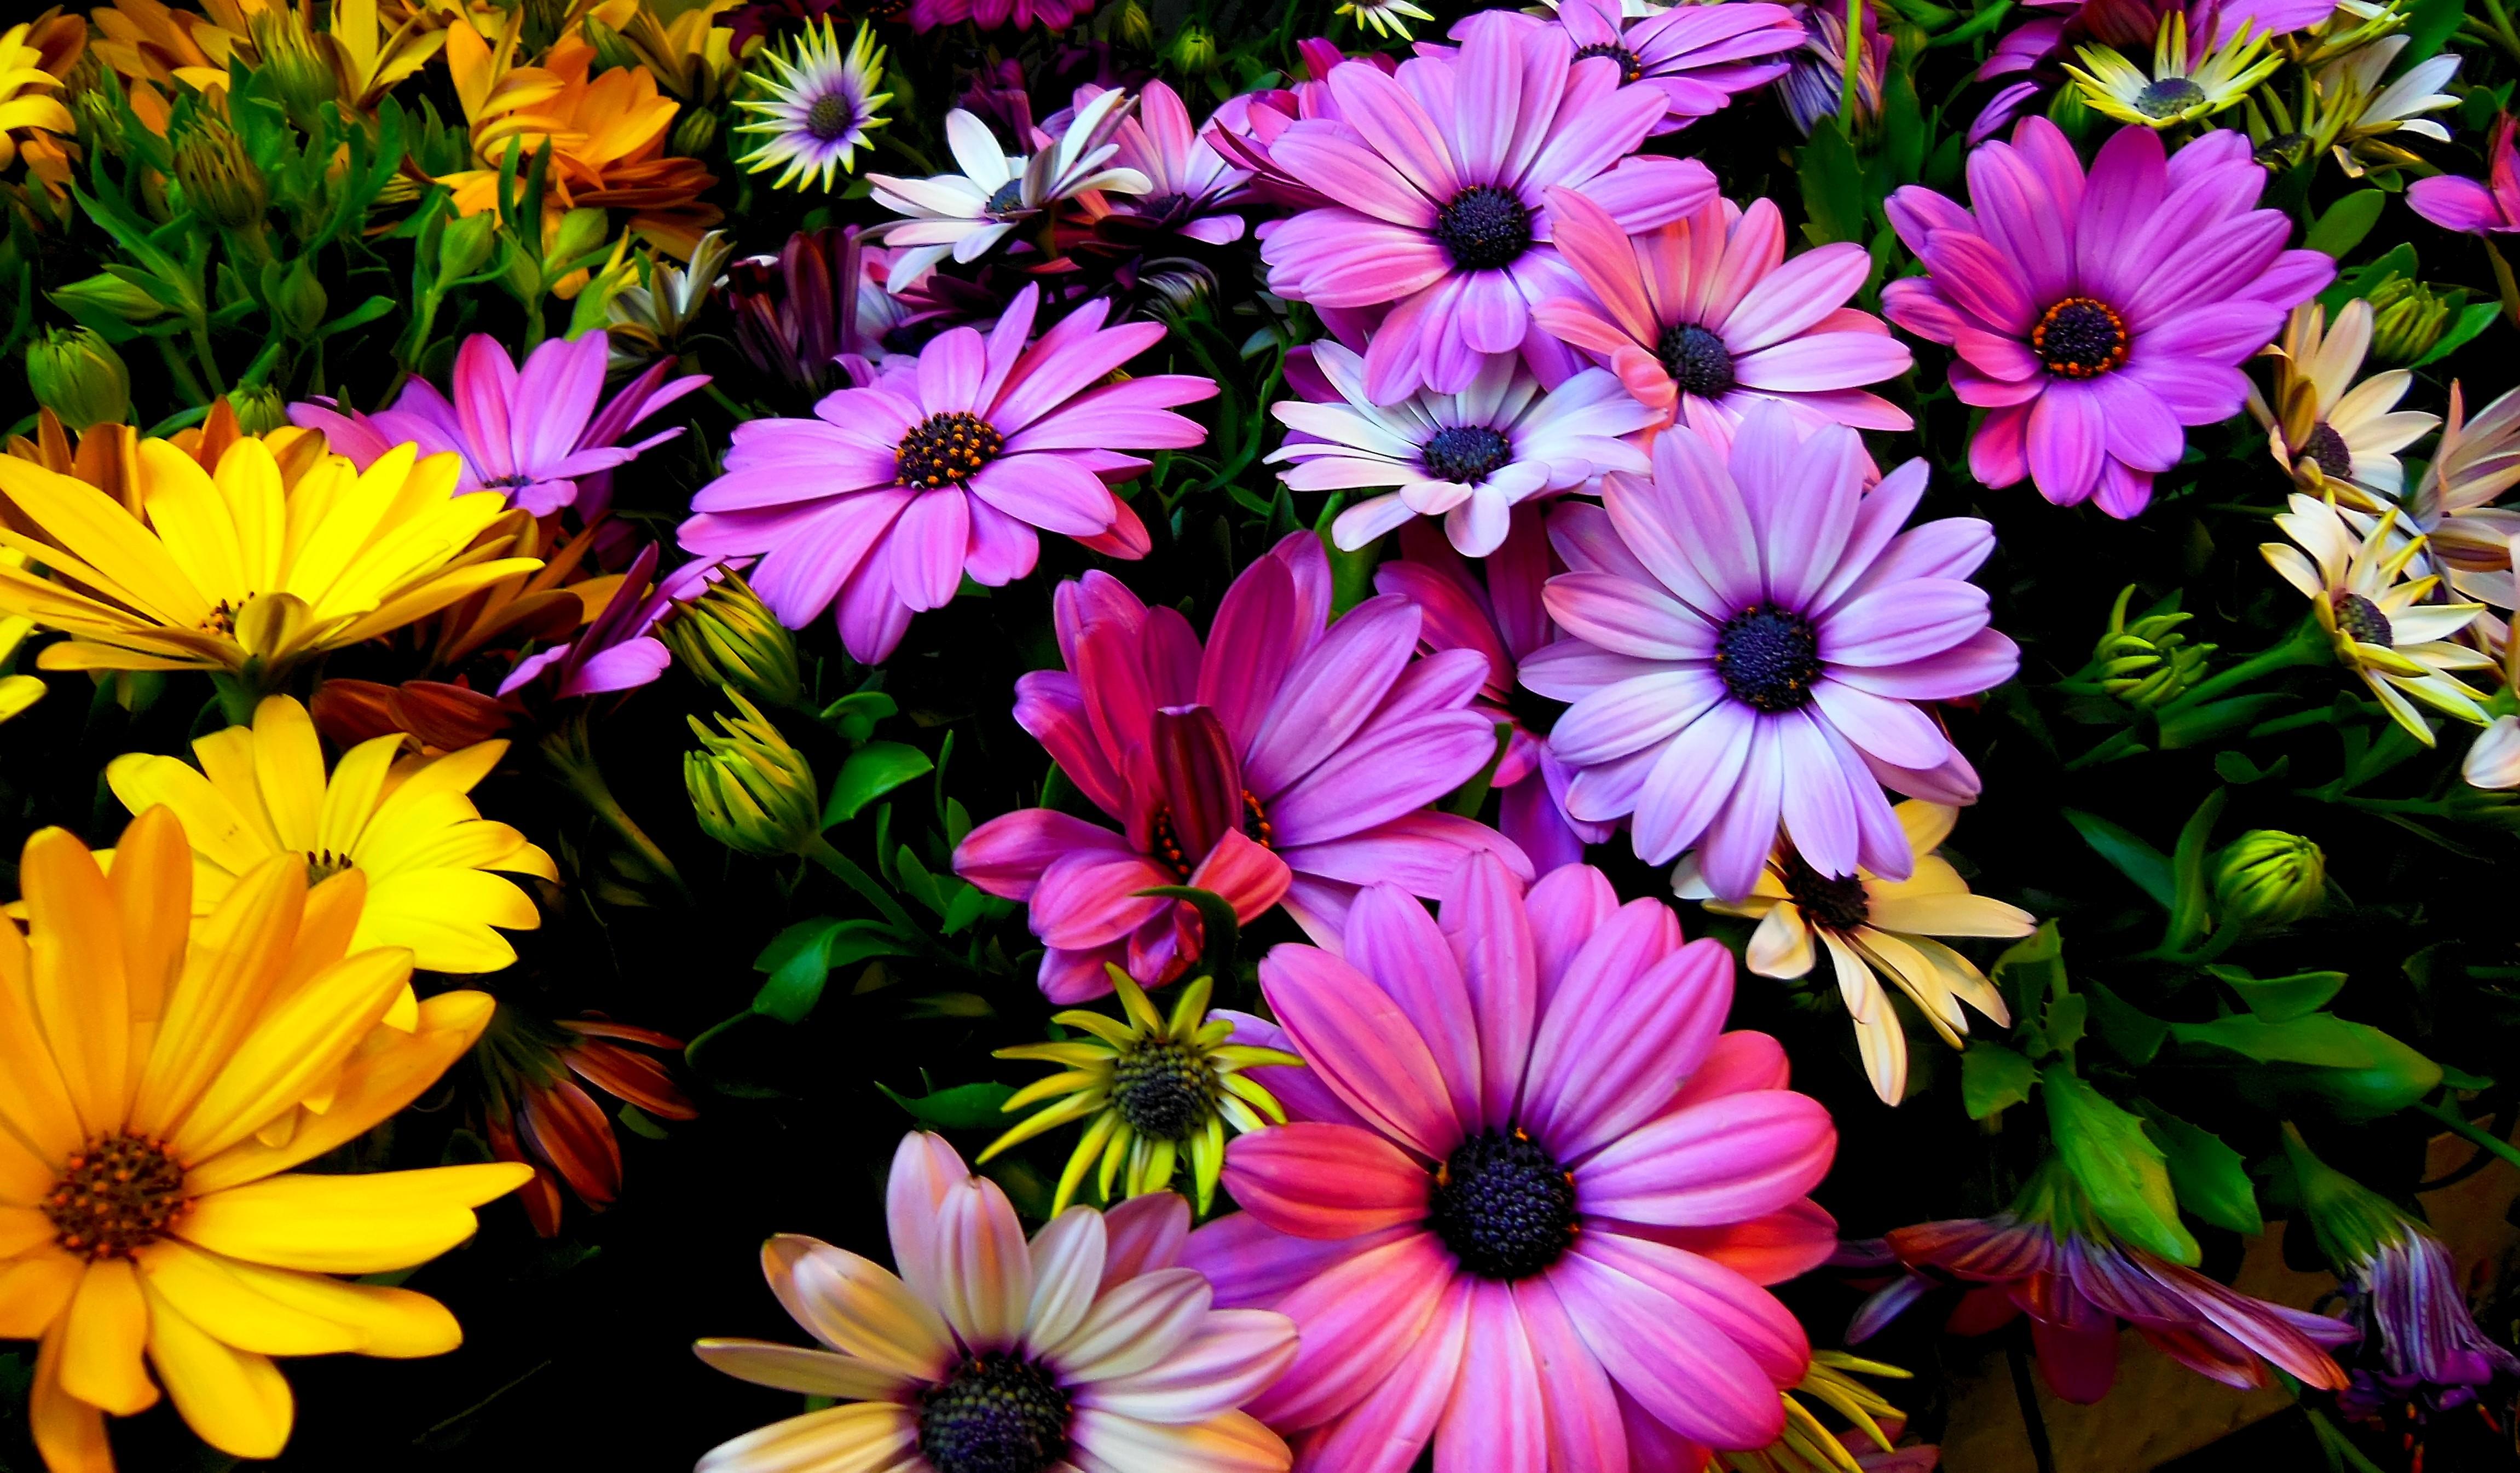 Free Photo Spring Flowers Growing Gardening Garden Free